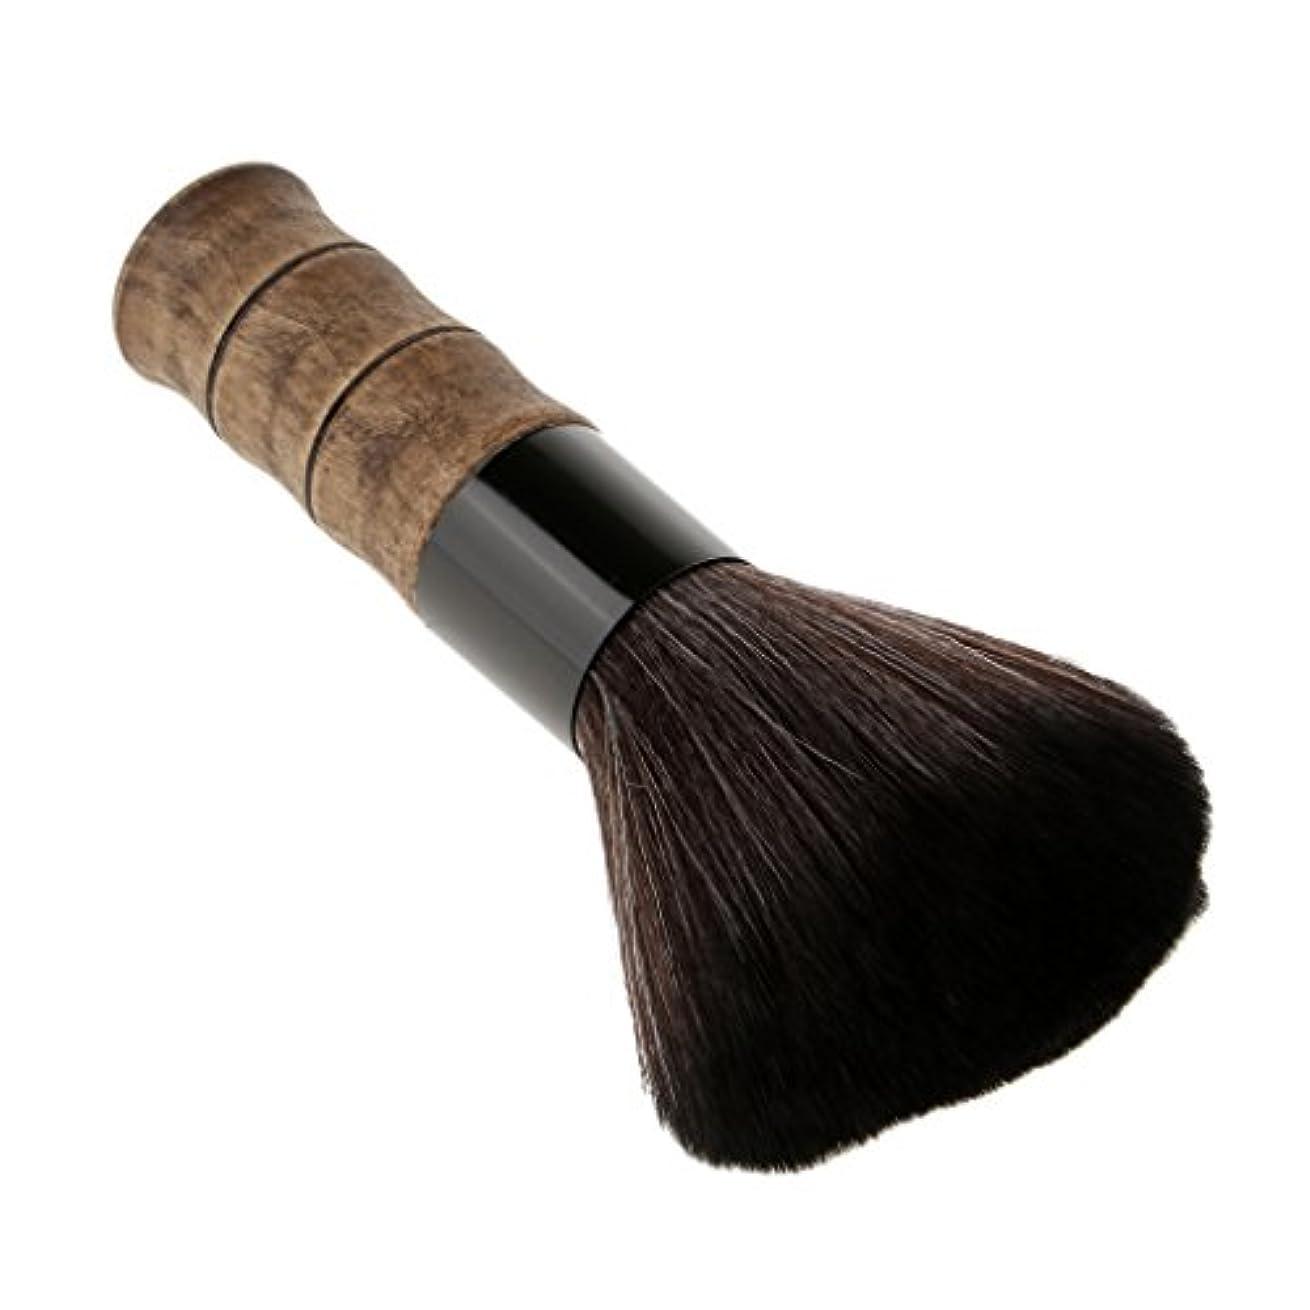 石灰岩弓報復ソフトファイバー脱毛シェービングブラシブラッシュルーズパウダーメイクブラシ竹 - ブラック